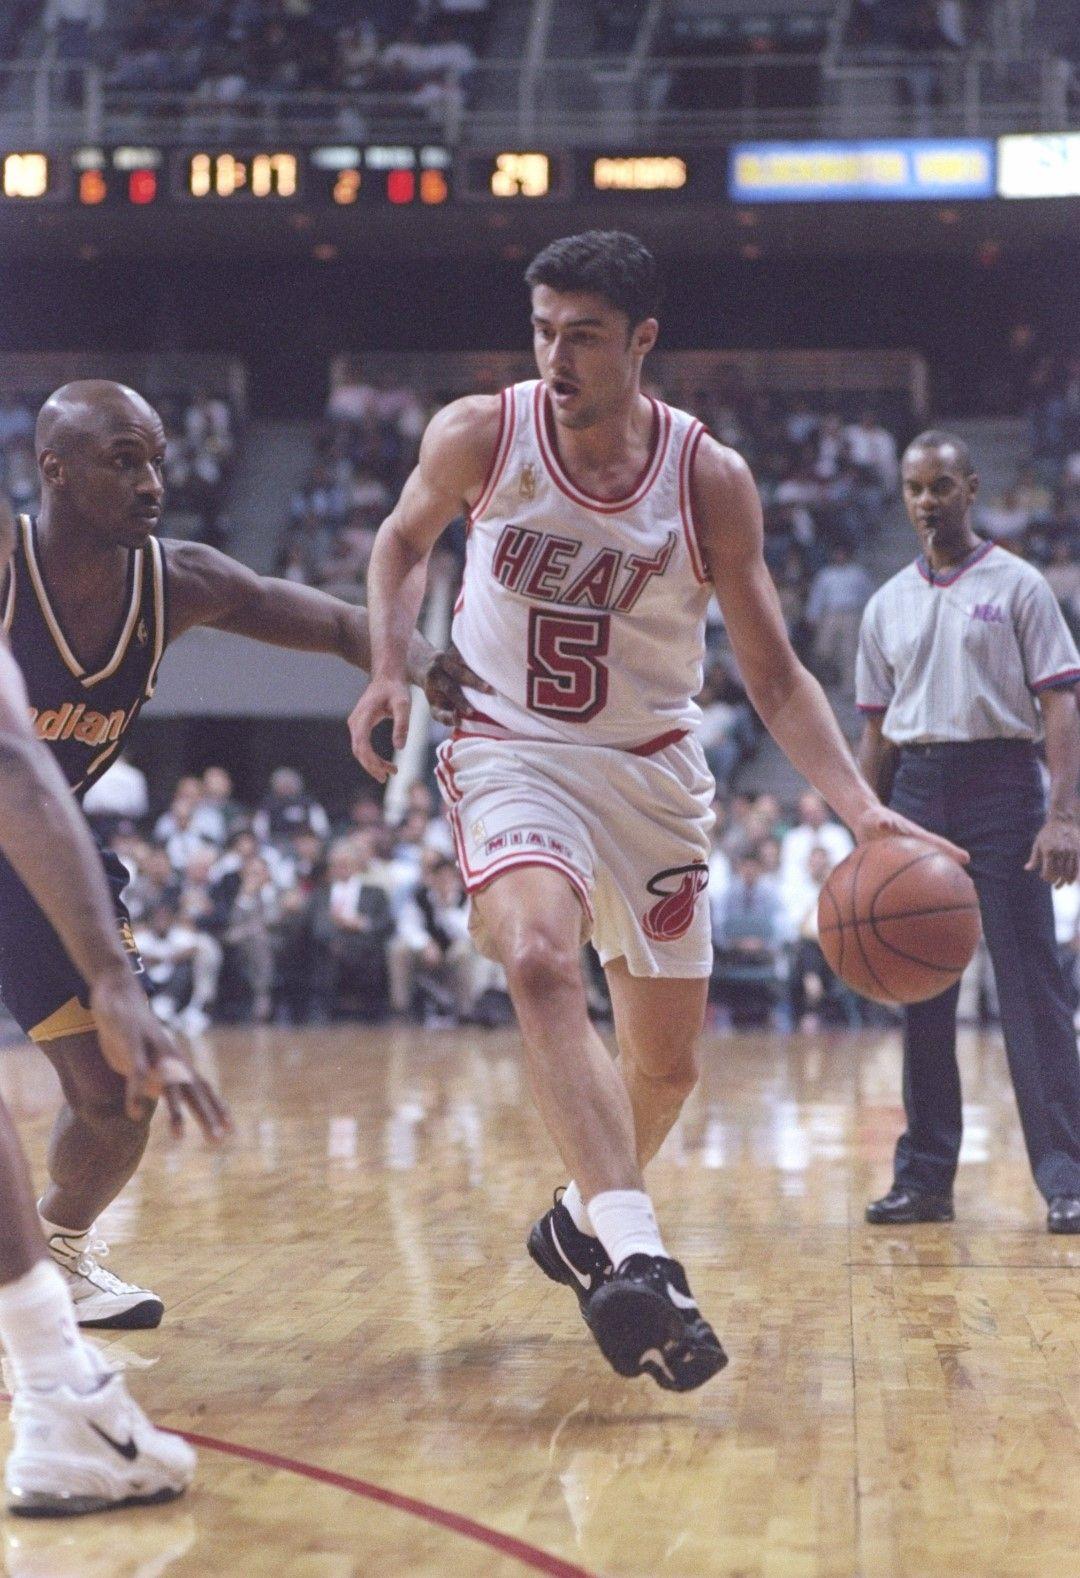 Данилович в НБА